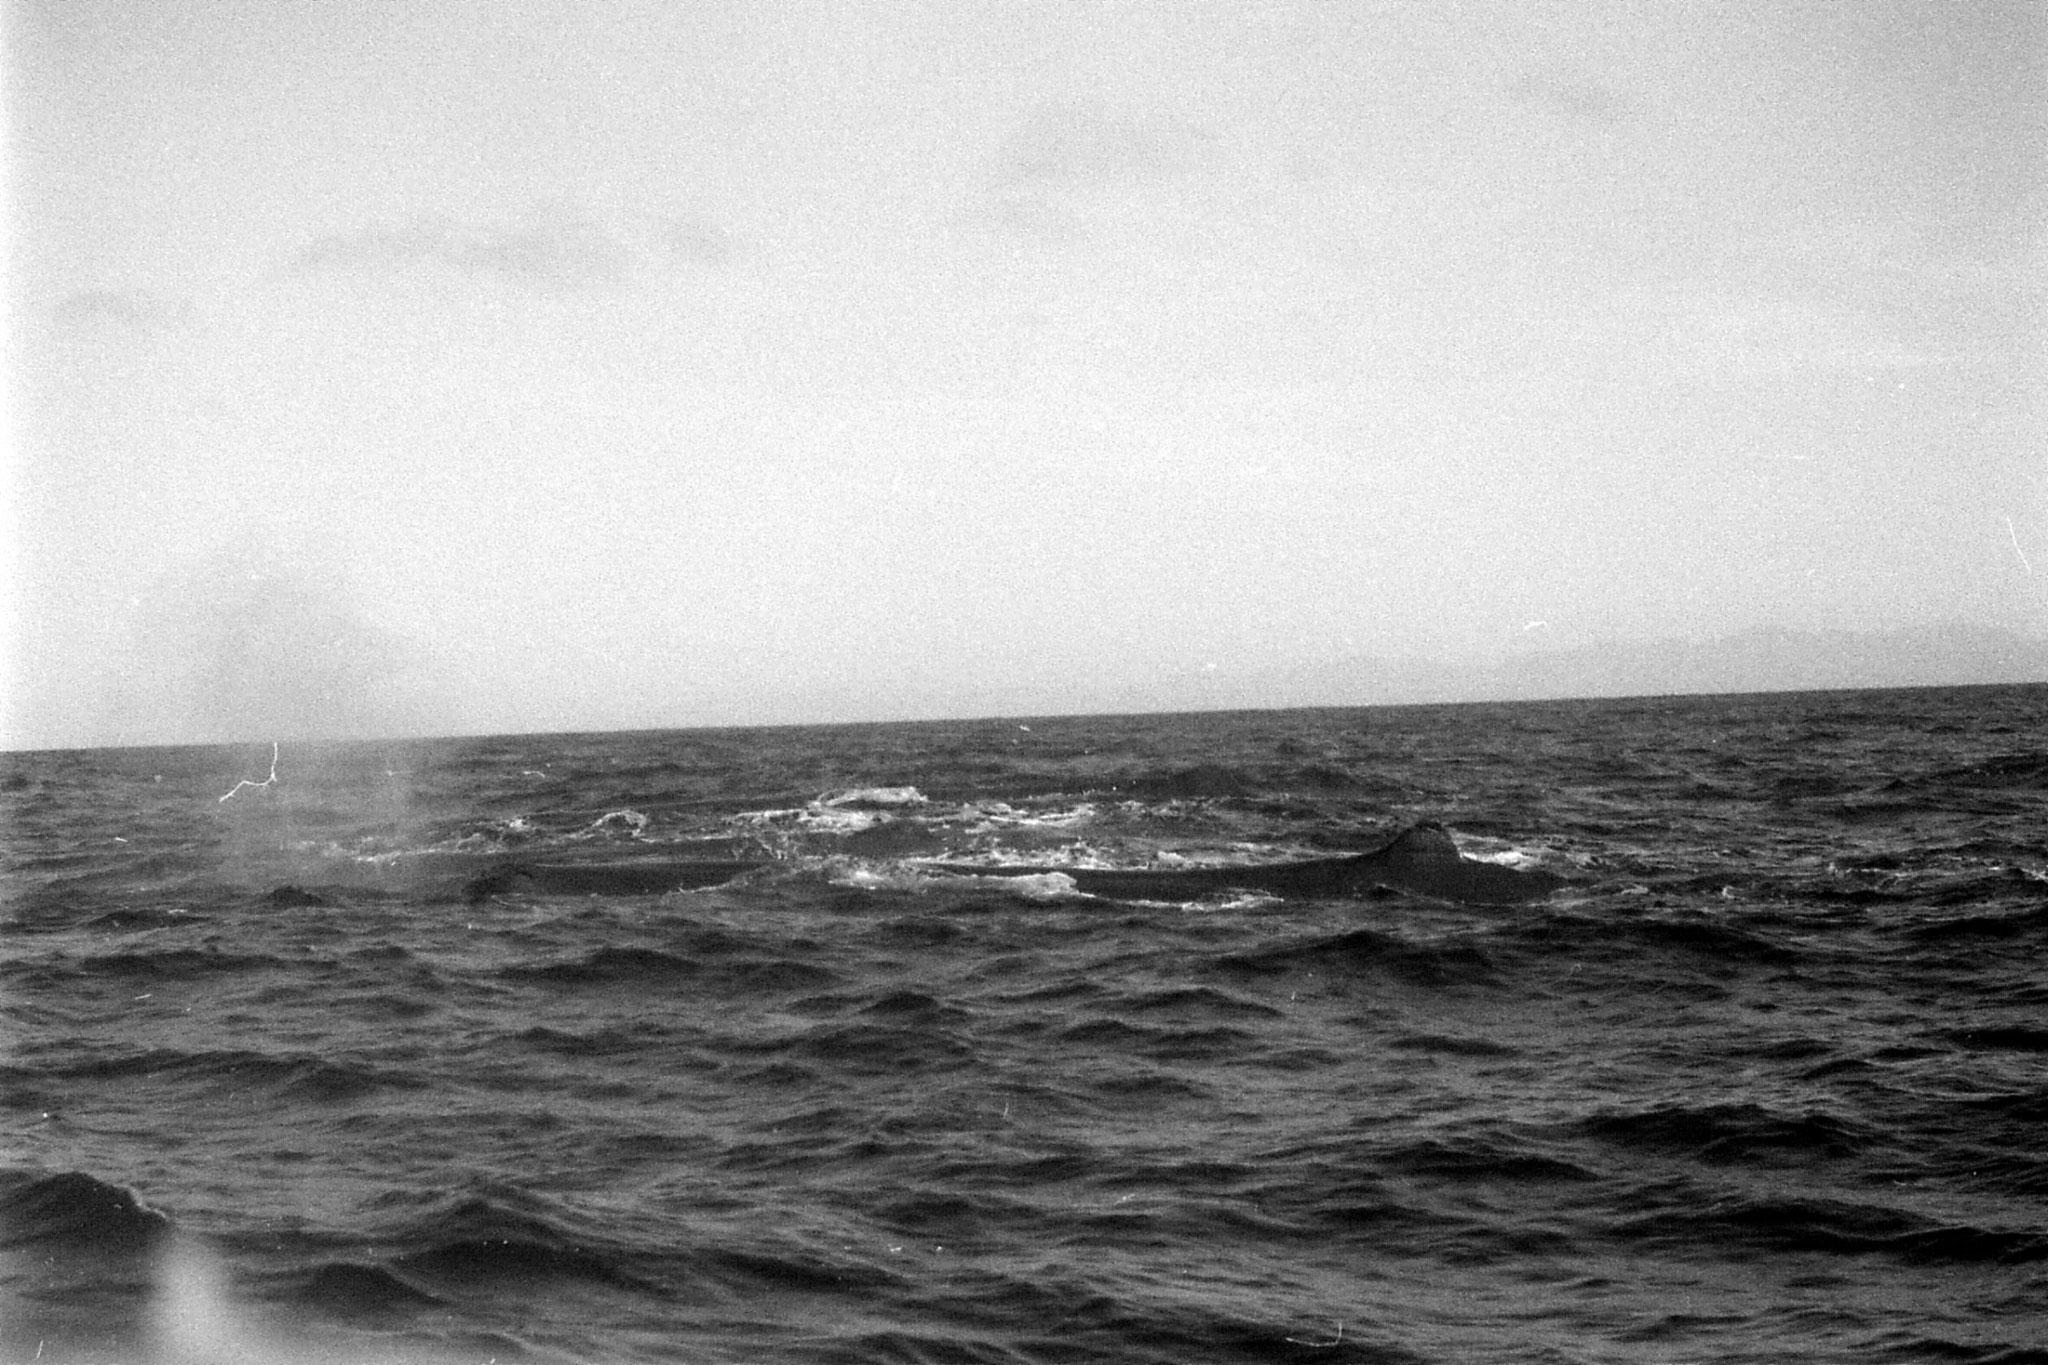 9/8/1990: 21:Kaikoura: sperm whale